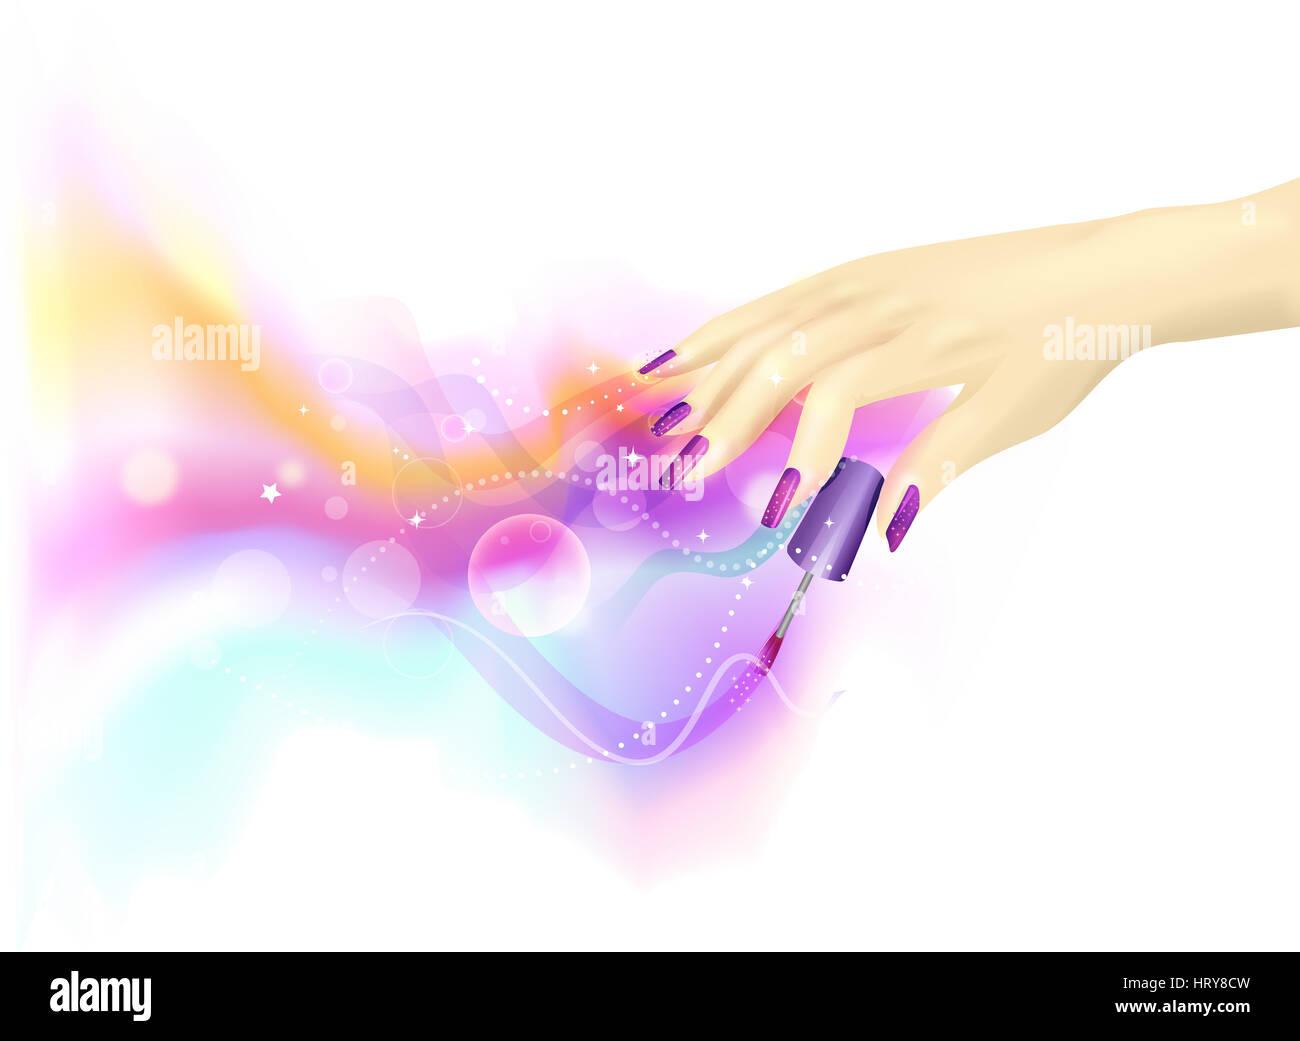 Ilustración recortada de una mujer jugando con esmalte de uñas - EPS10 Imagen De Stock